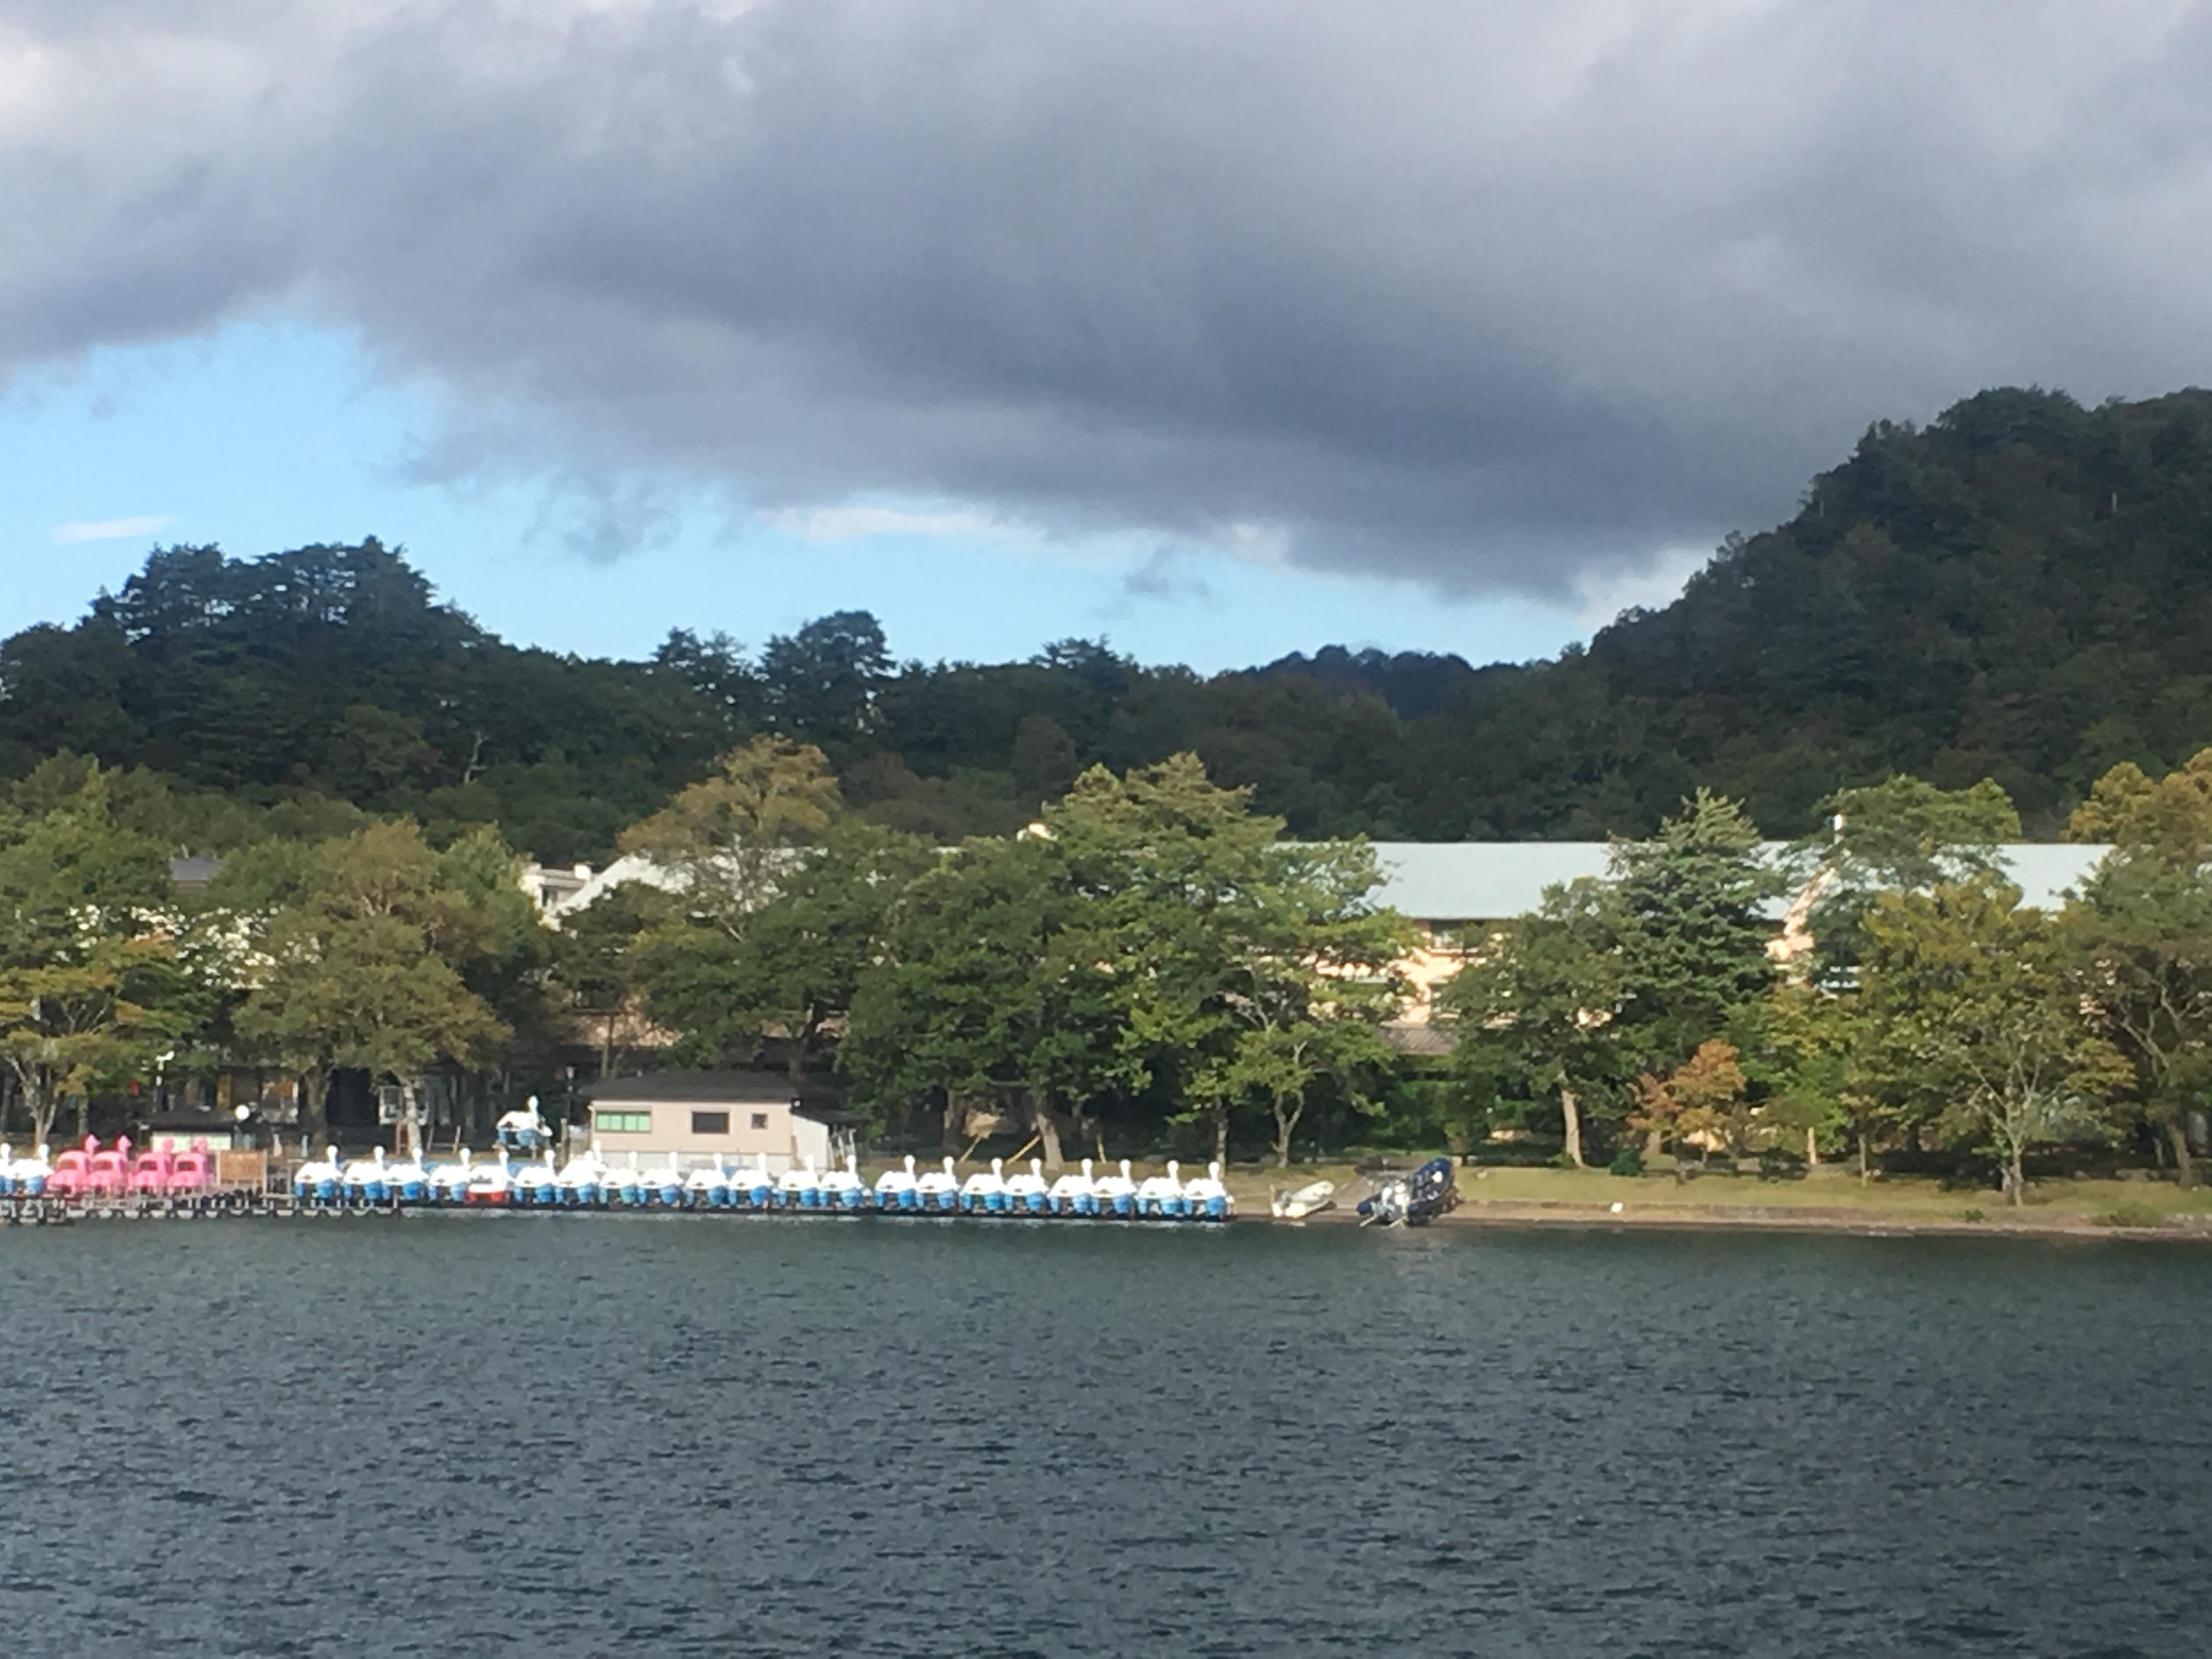 十和田湖遊覧船船首から十和田湖モーターボート乗り場